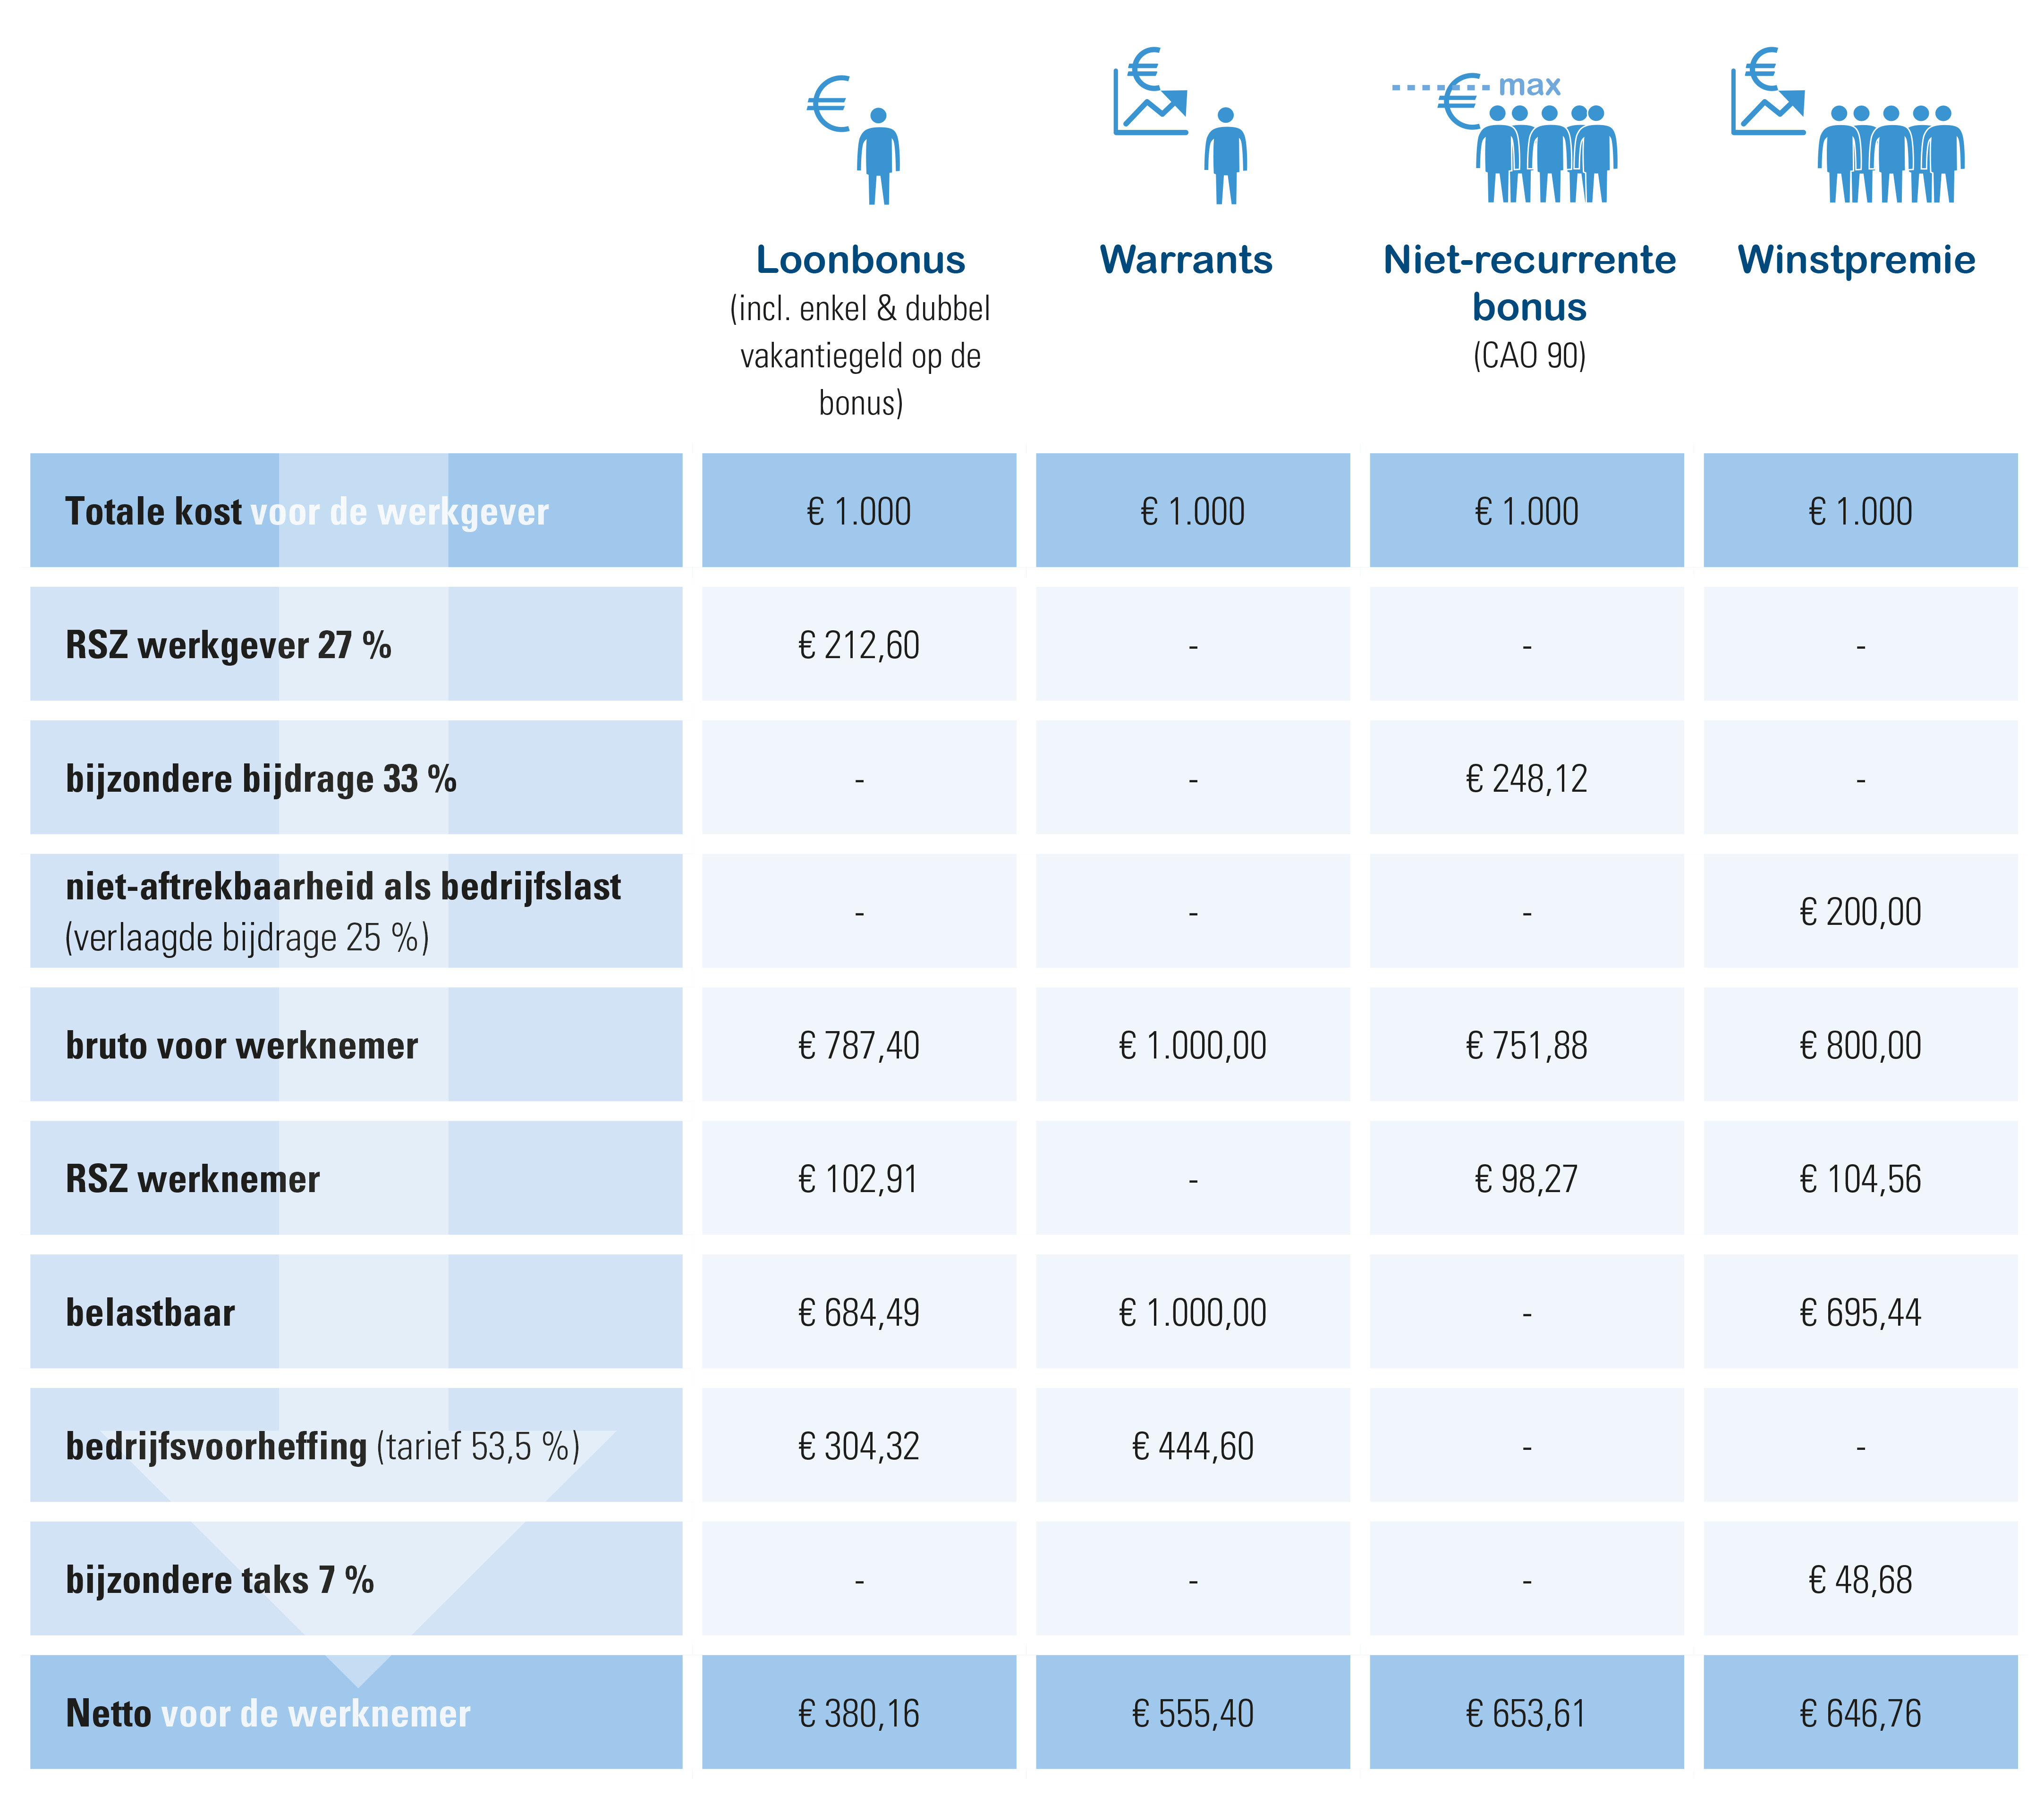 bruto-netto voor de verschillende types van bonussen